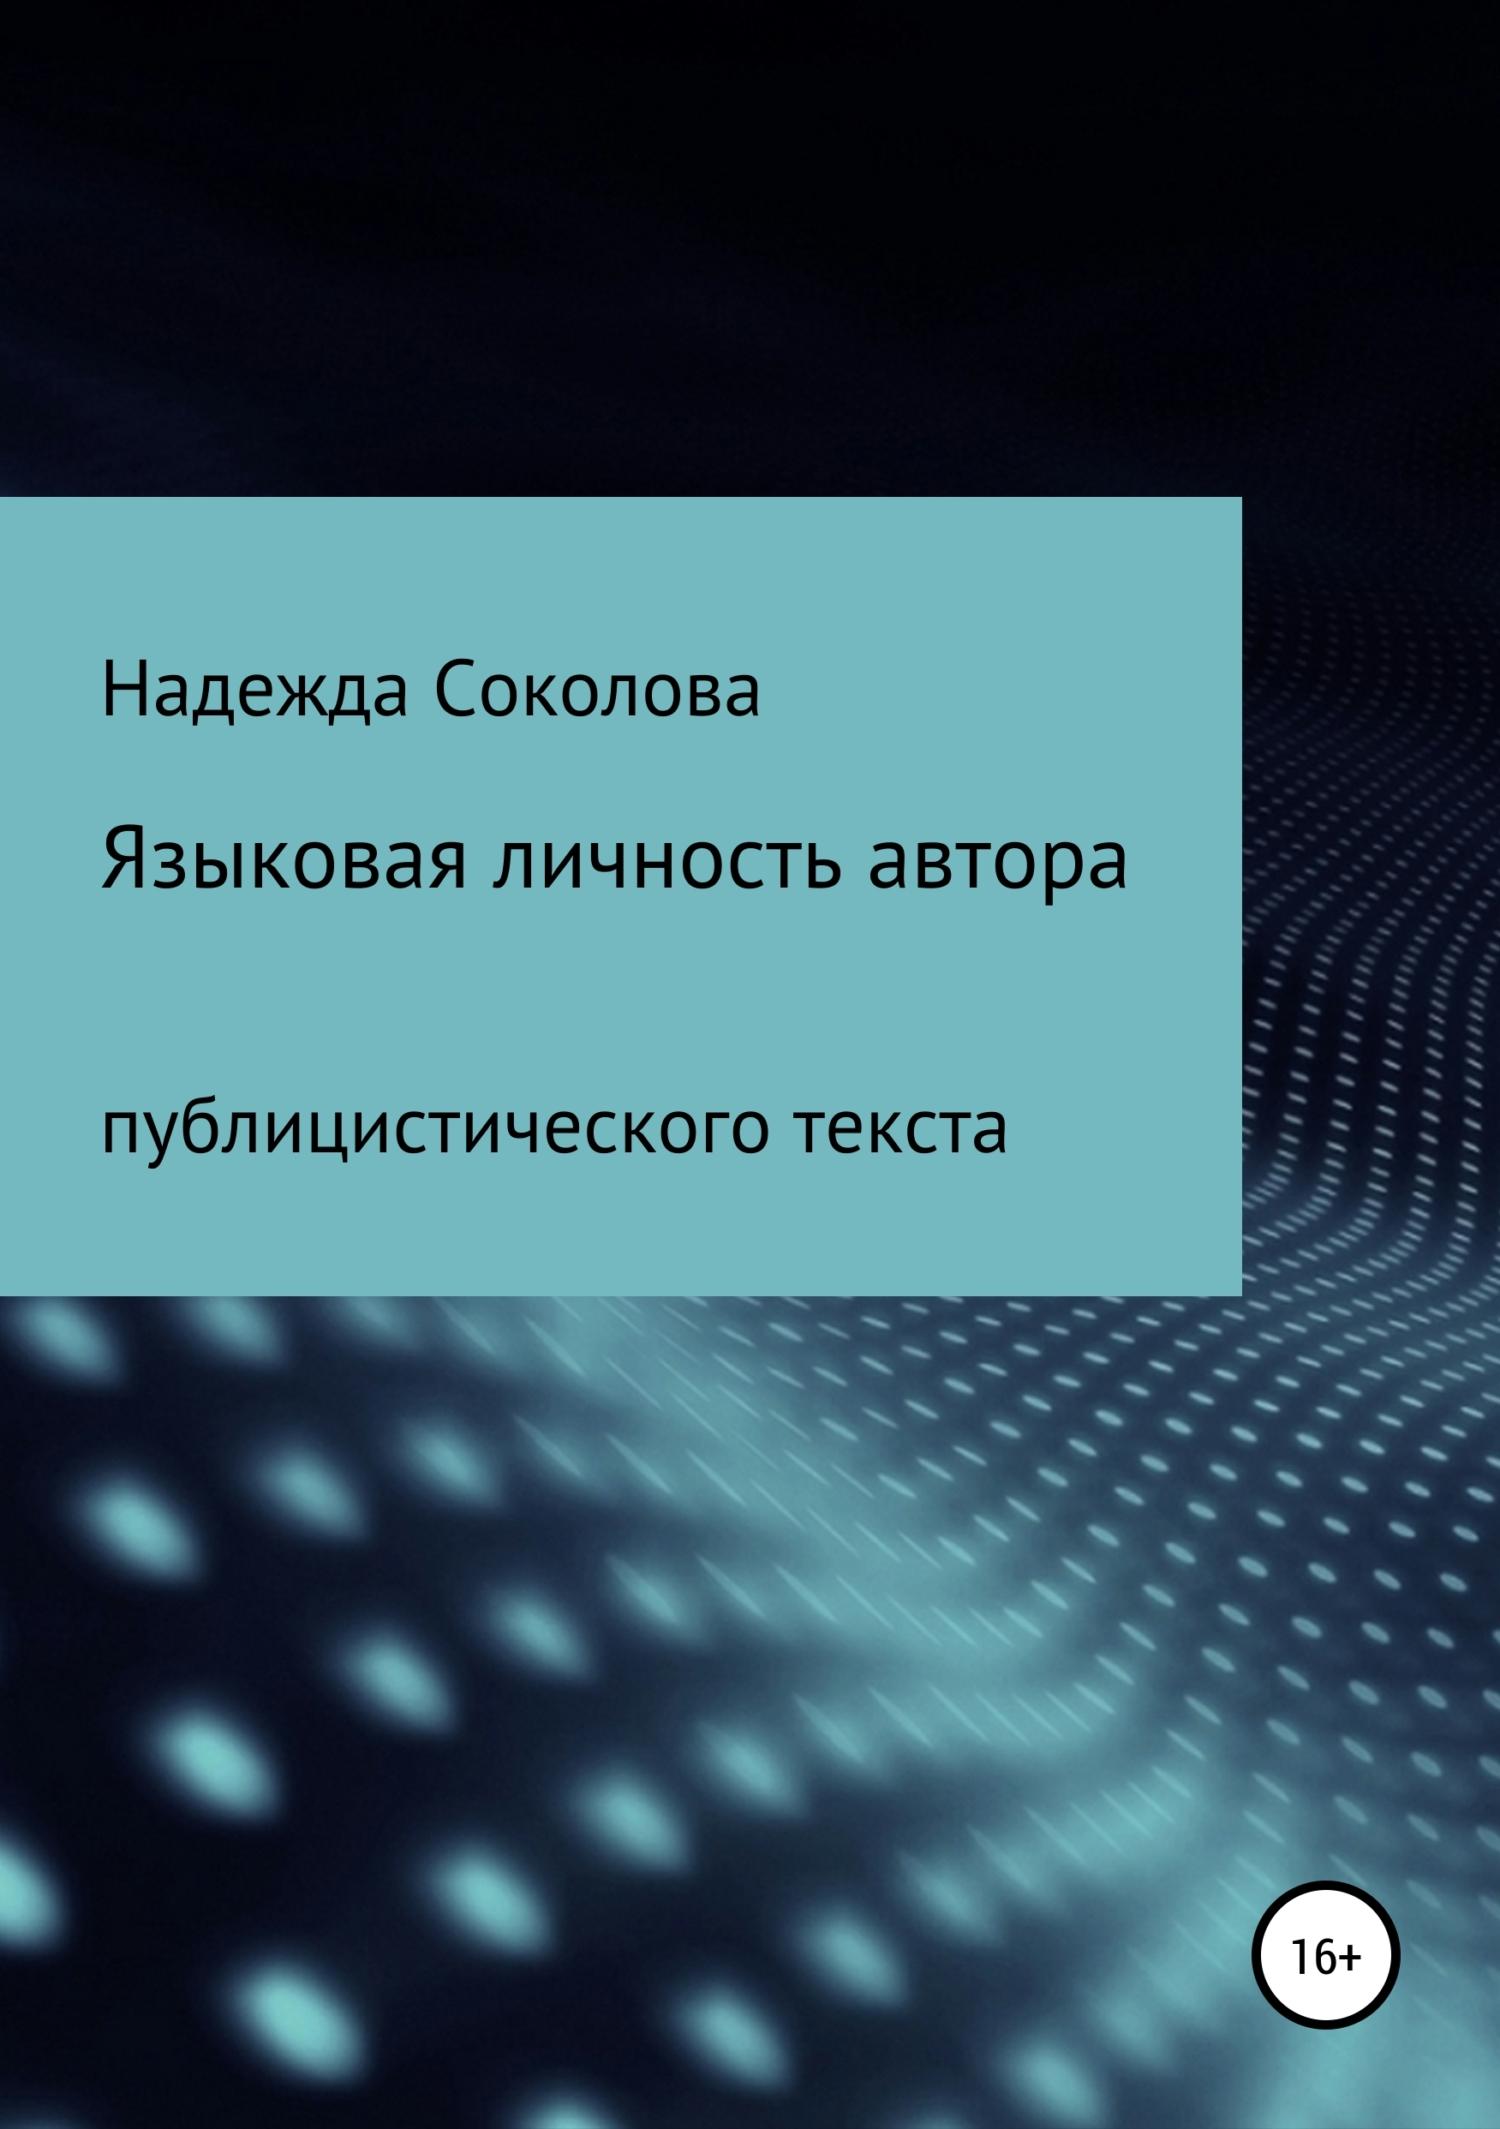 Языковая личность автора публицистического текста